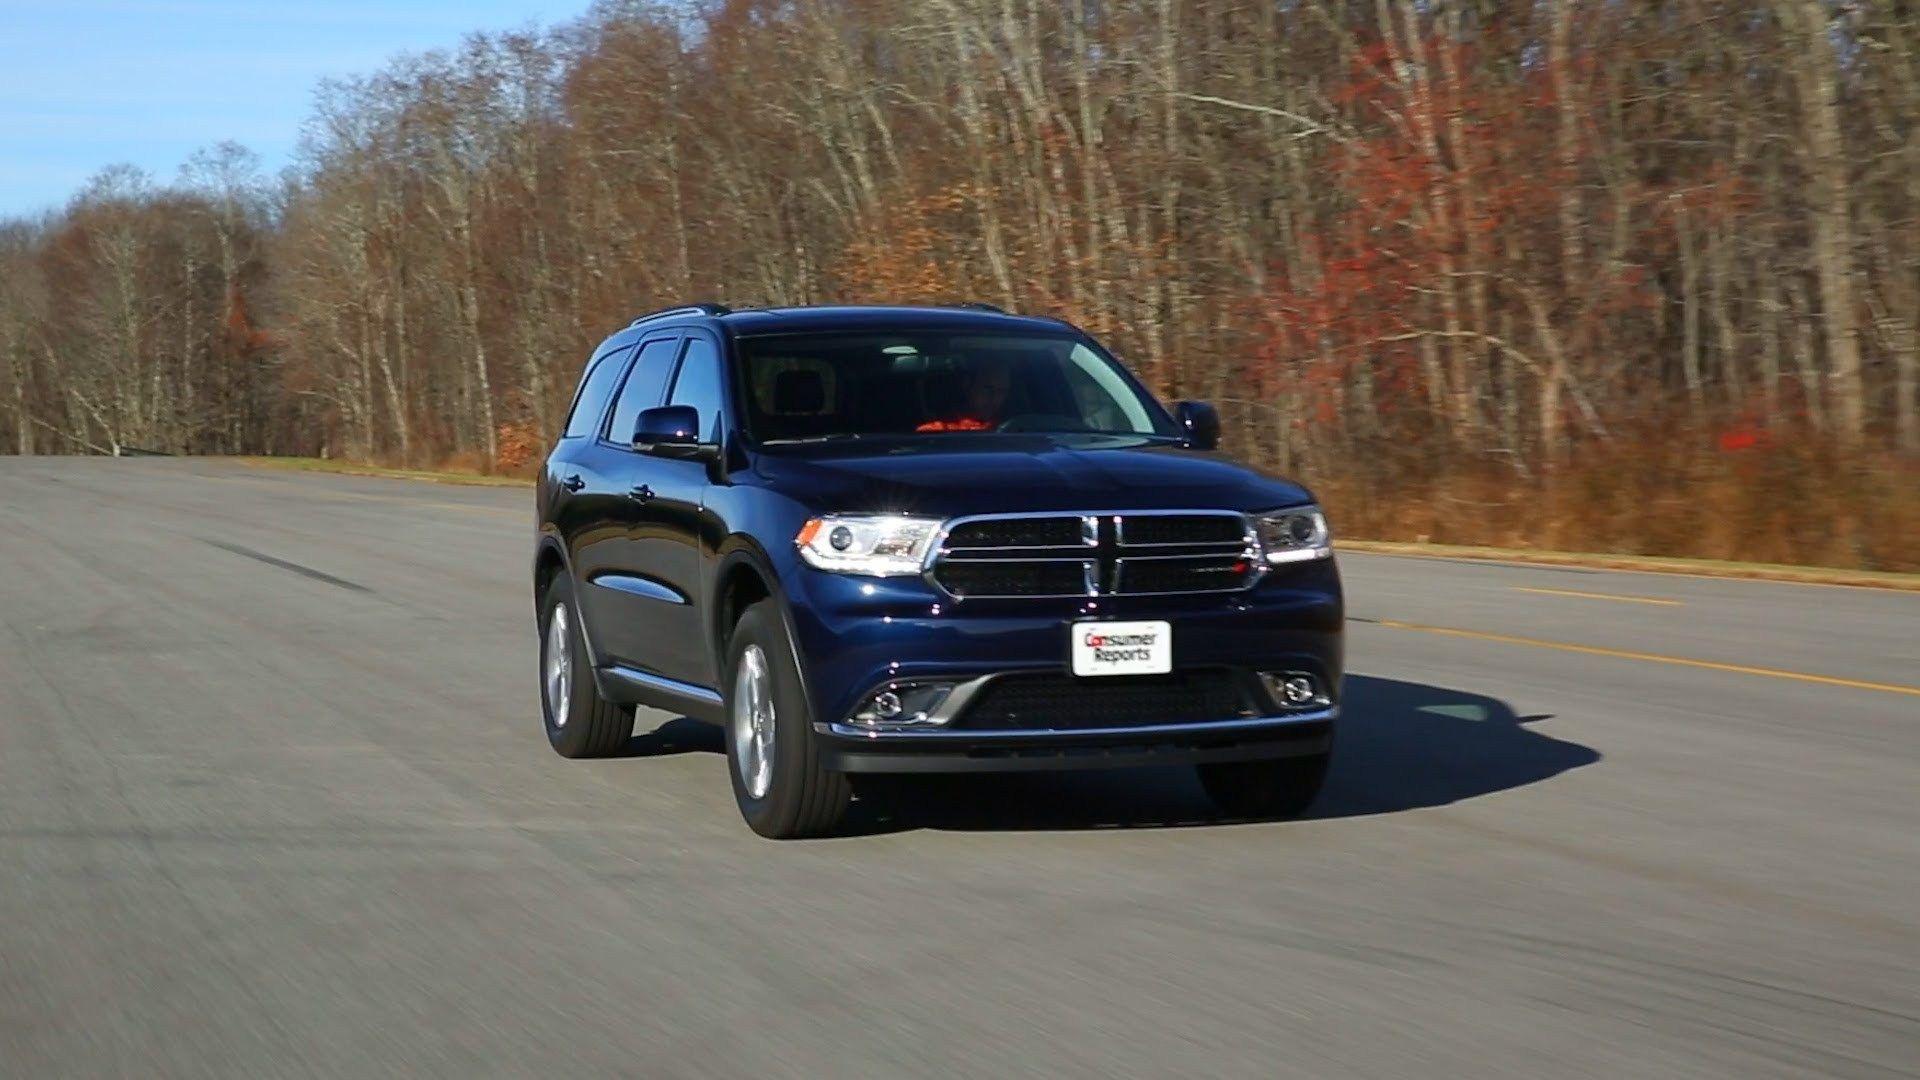 2014 Dodge Durango review Dodge durango, 2014 dodge